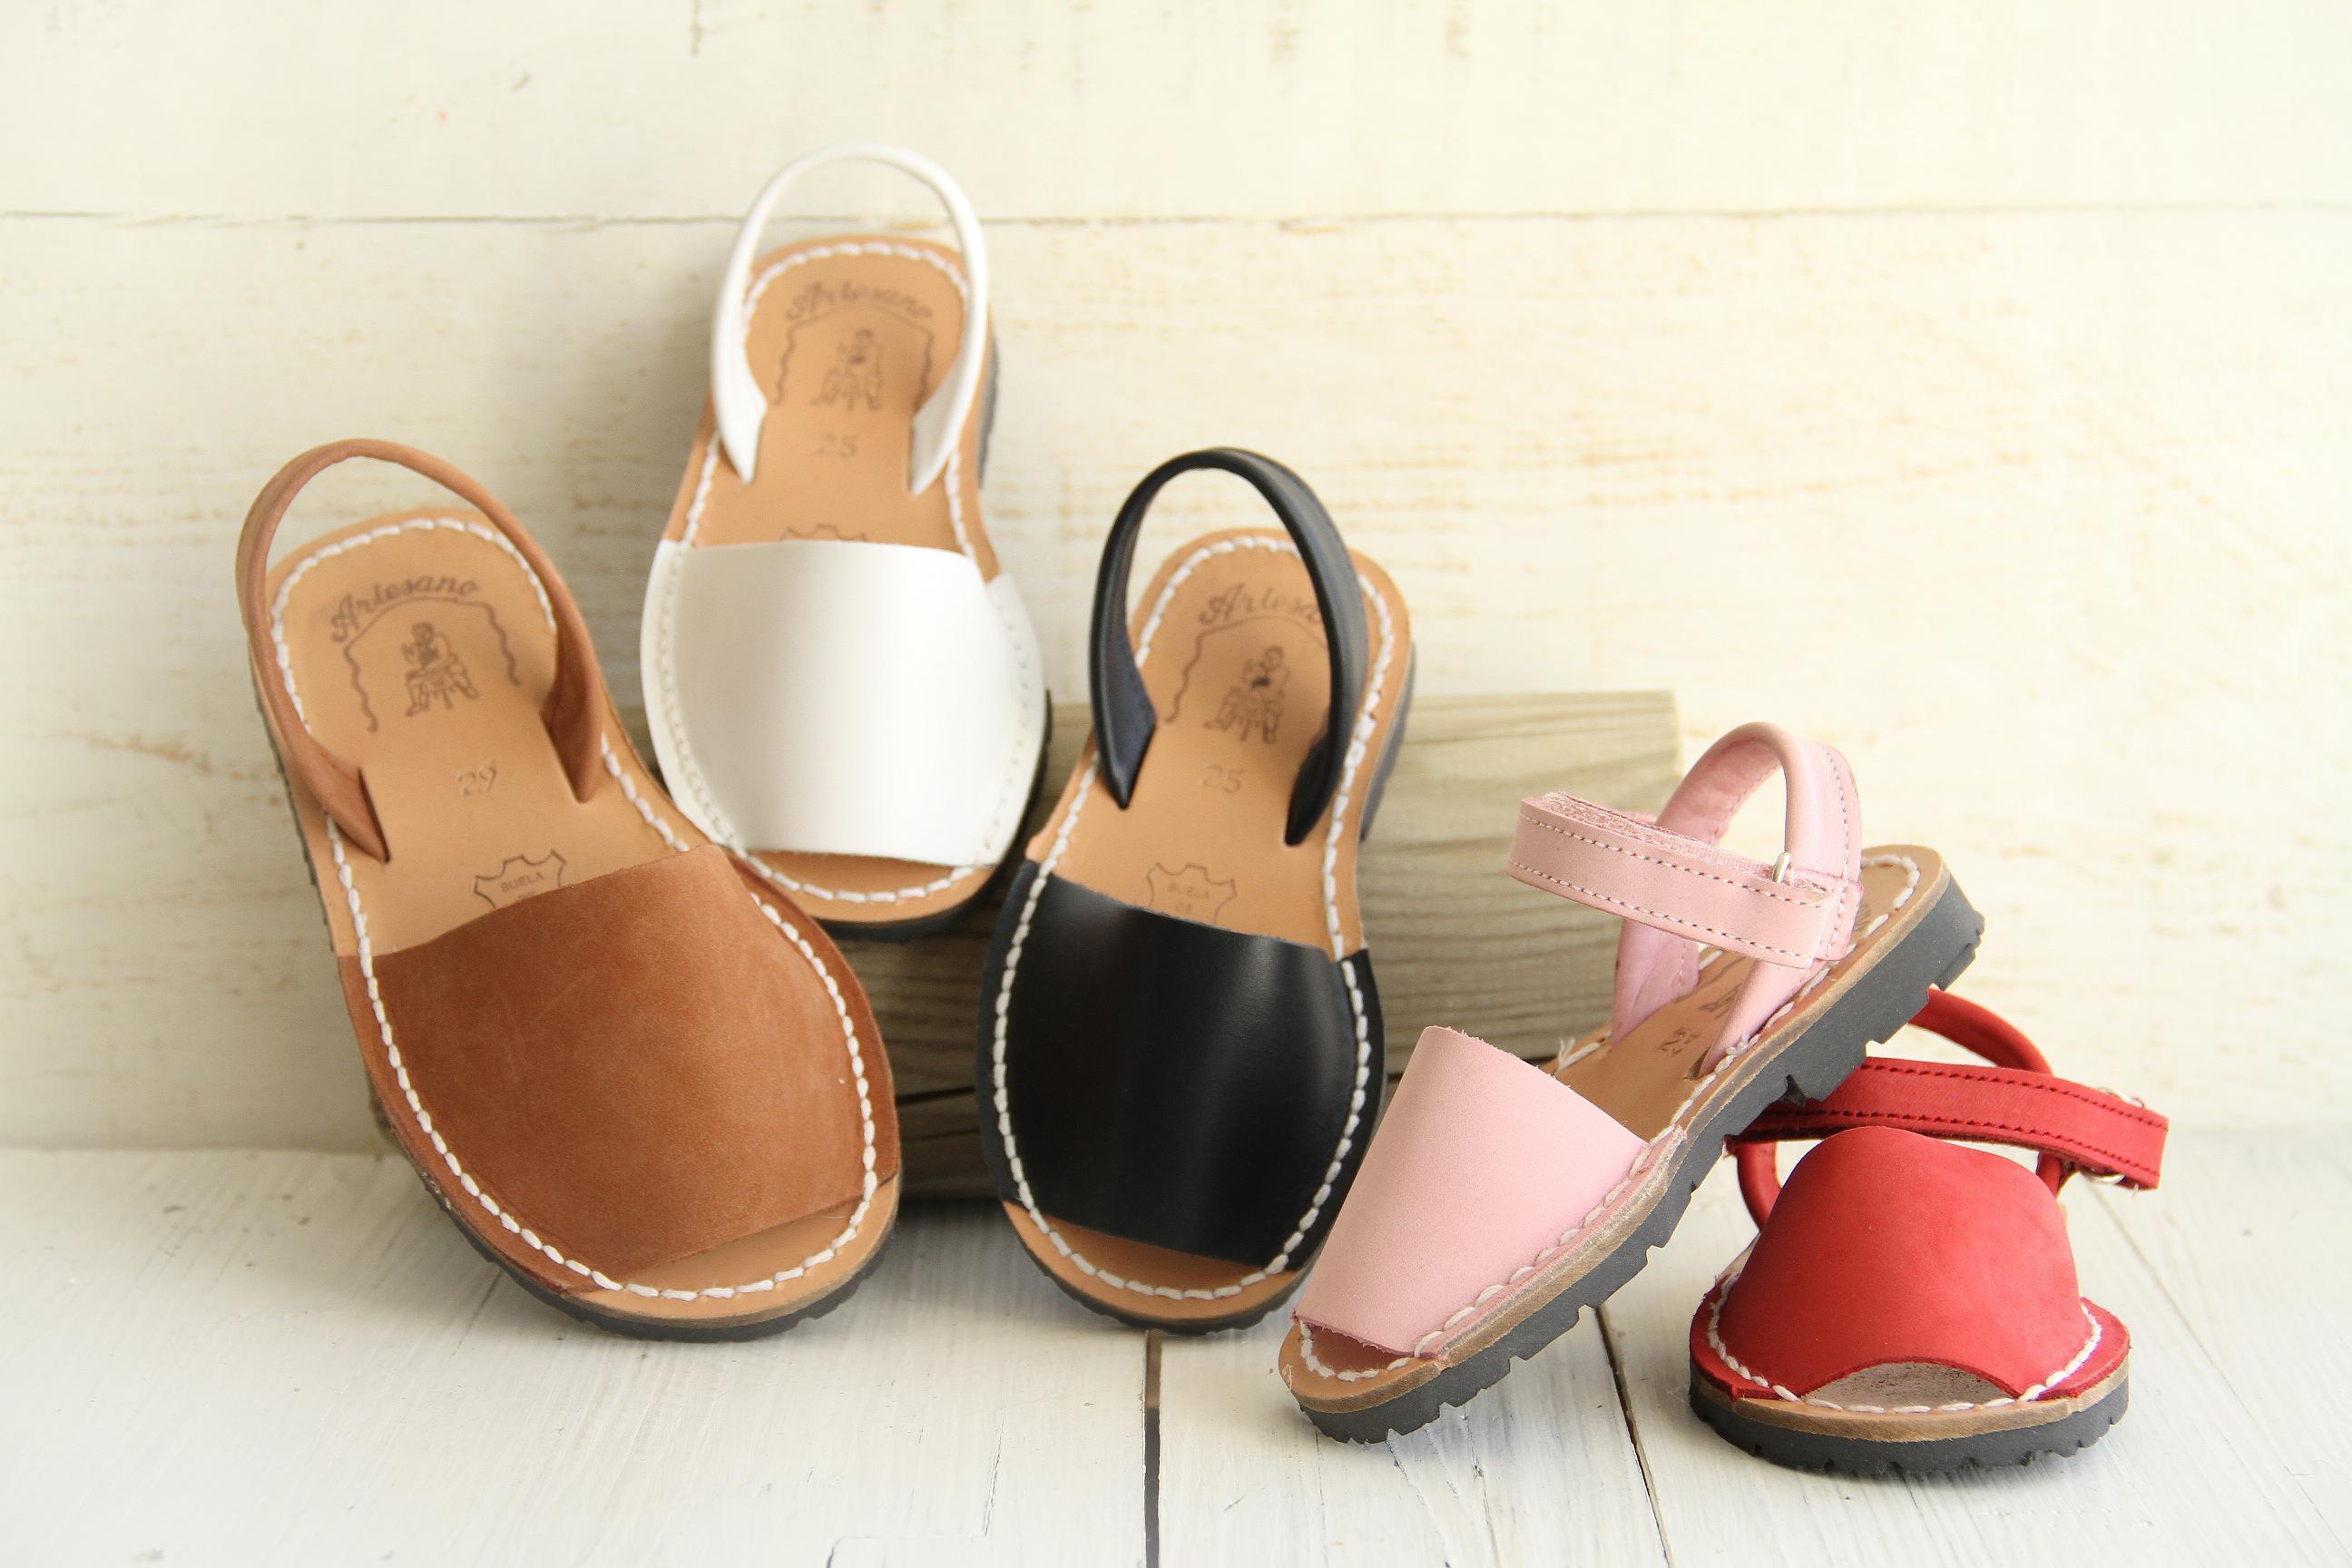 461a7be2b69 Pisamonas presenta colección de calzado infantil Primavera/Verano 2013  entre máxima expectación